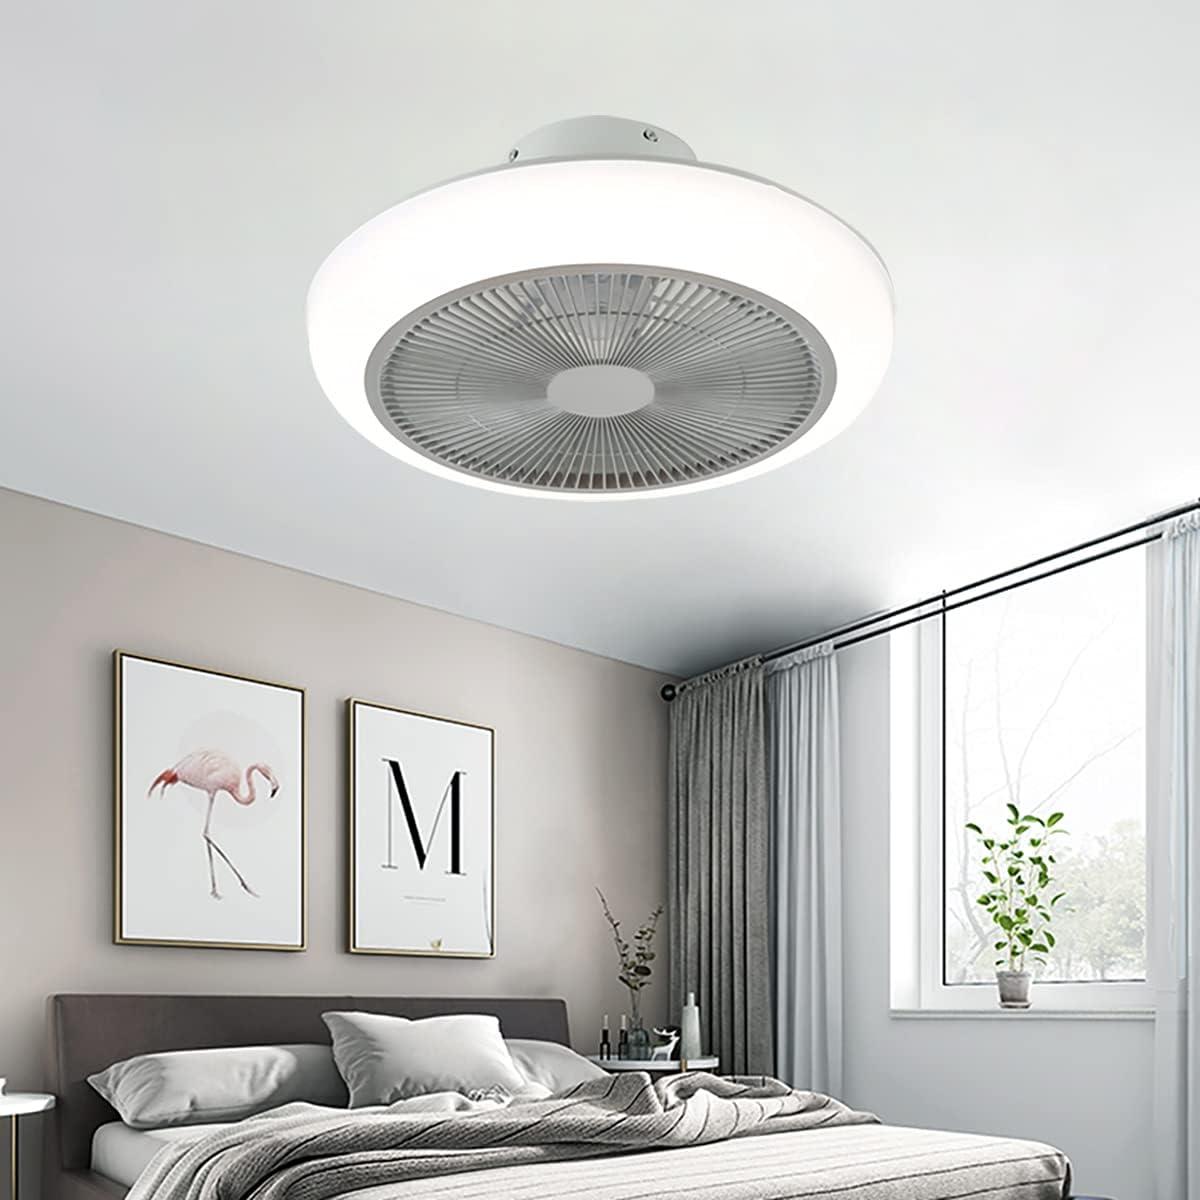 Ventilador De Techo Ultra Silencioso Ventilador De Techo Con Luz Y Mando A Distancia Pequeña Plafón Led Regulable Iluminación Interior Velocidad Del Viento Ajustable Lámpara Decorativa